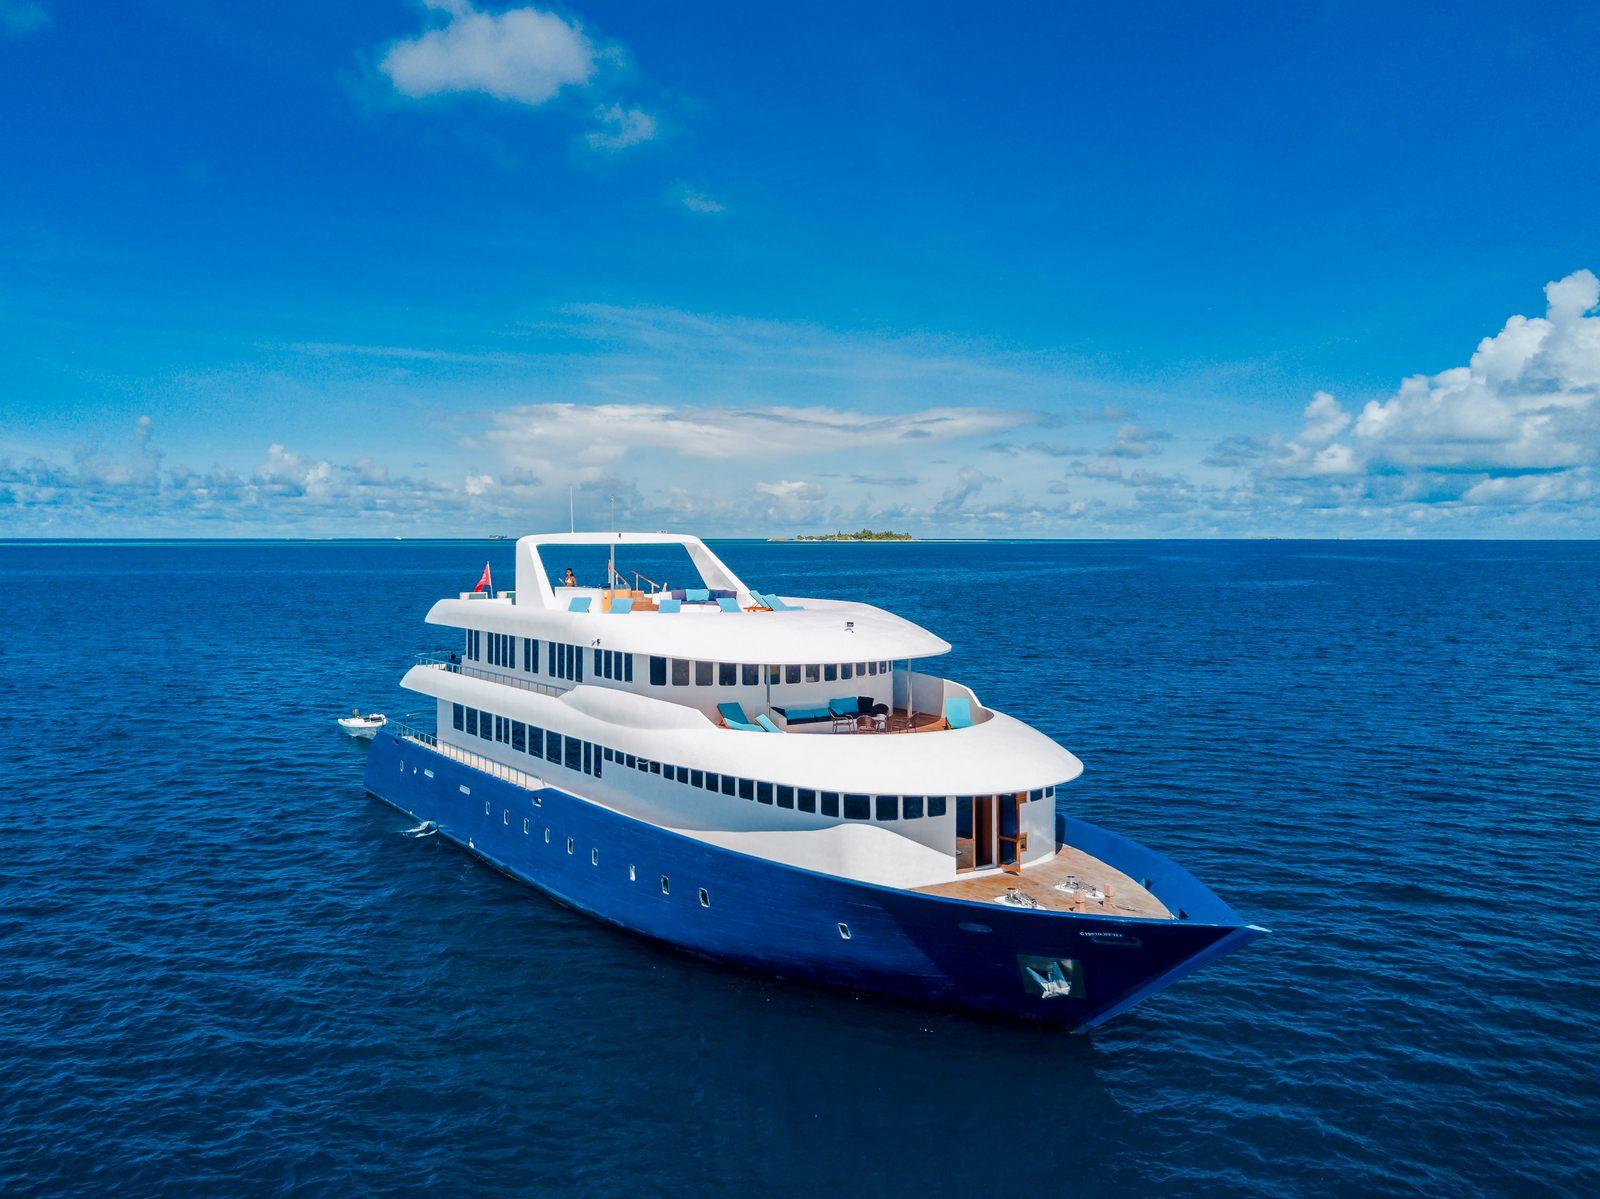 Croisière plongée aux Maldives à bord du Seafari Explorer